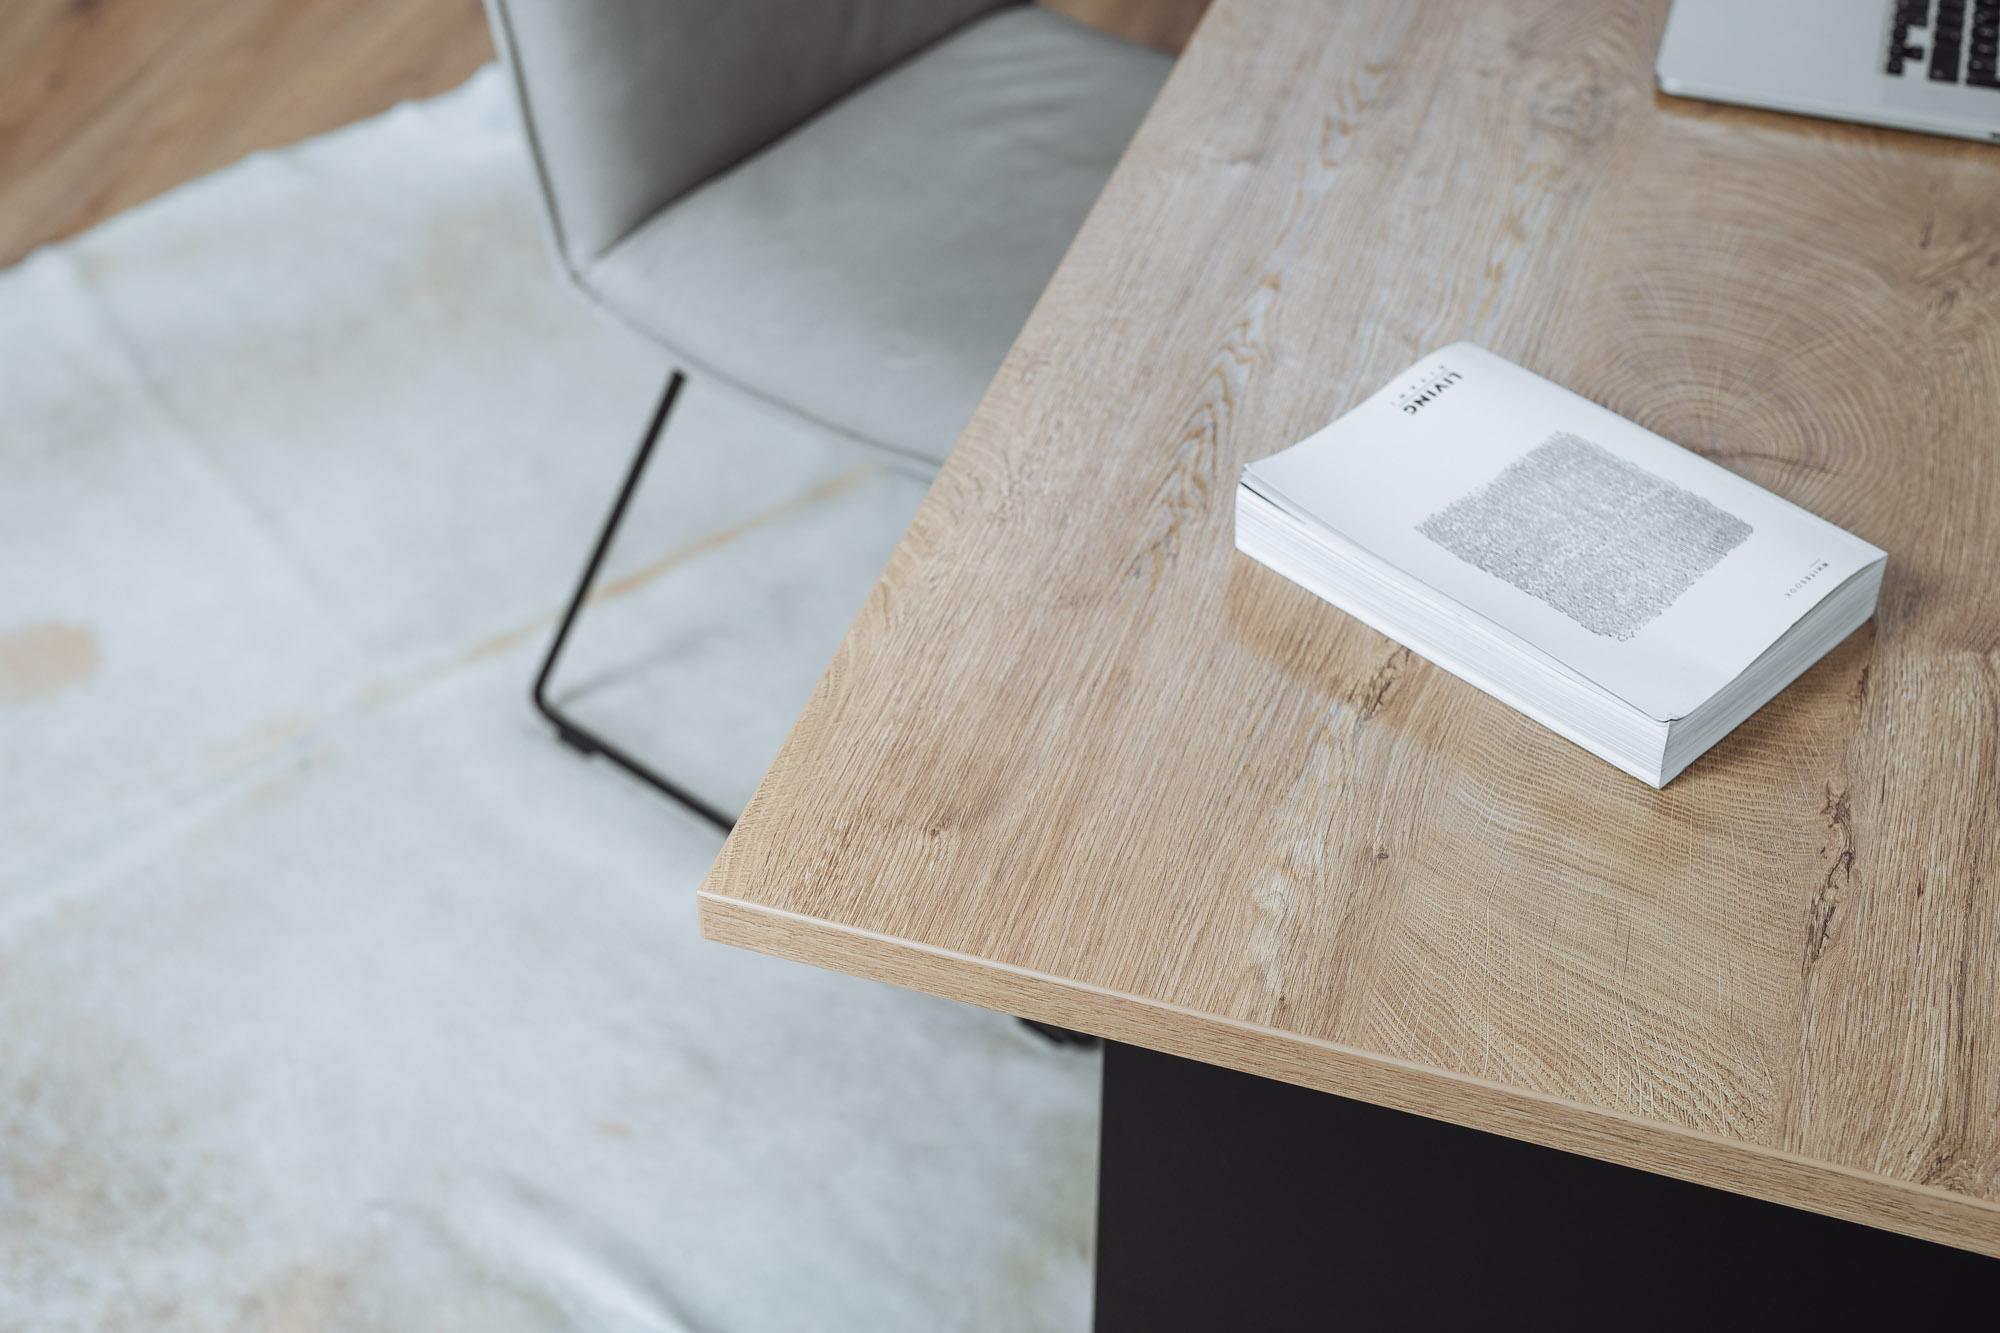 holzplatte-online-schreibtisch-modern-5